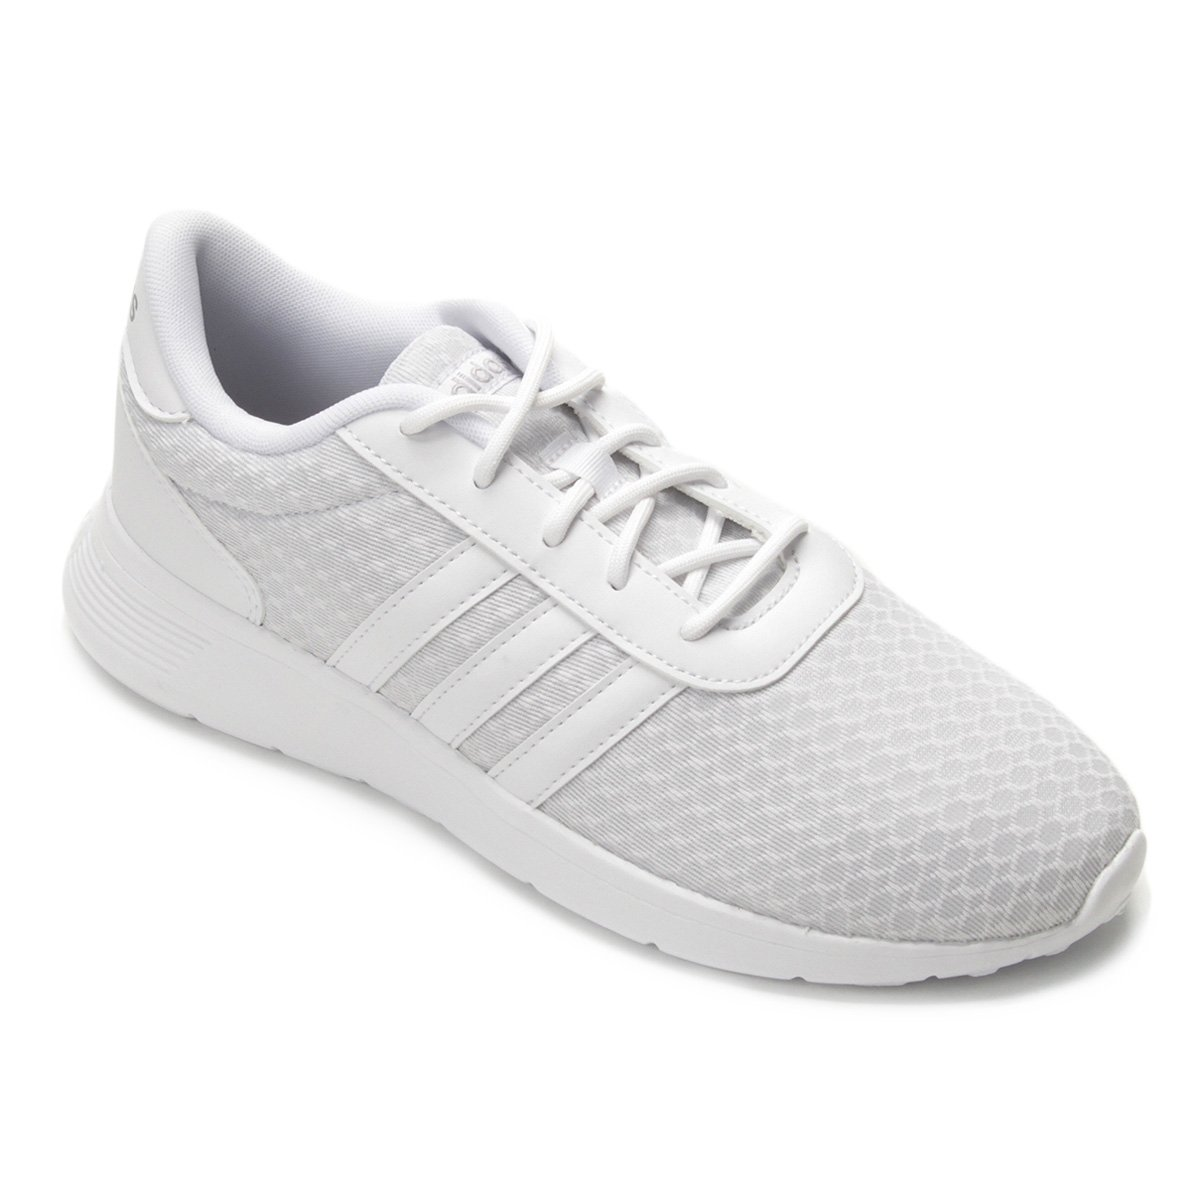 05e0ceee629f4 Tênis Adidas Lite Racer W Feminino - Branco e Cinza - Compre Agora ...